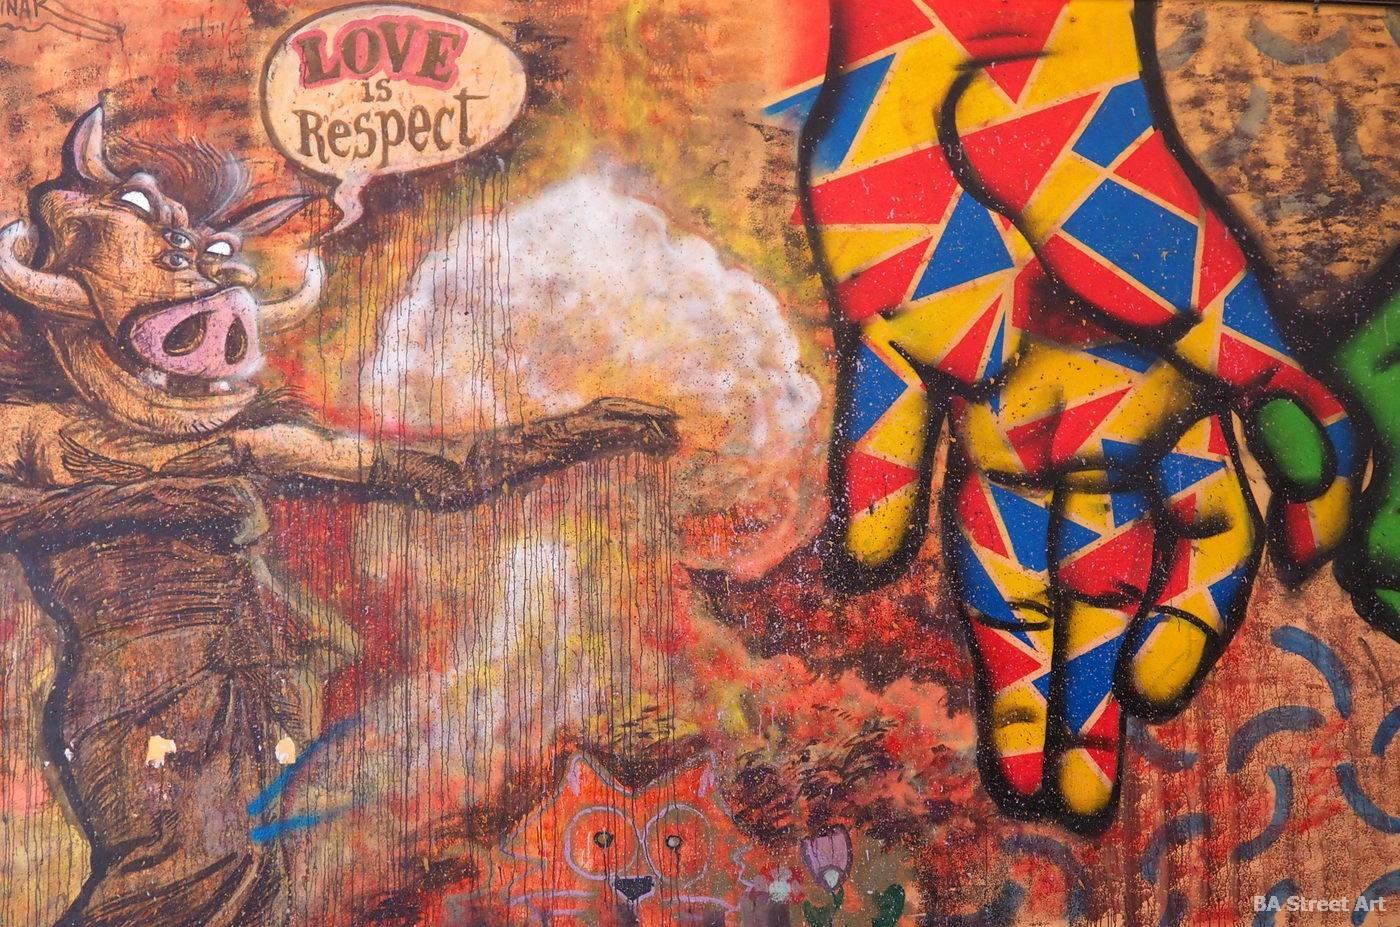 toni espinar mural valencia Cabañal-Cañamelar love is respect cabanyal